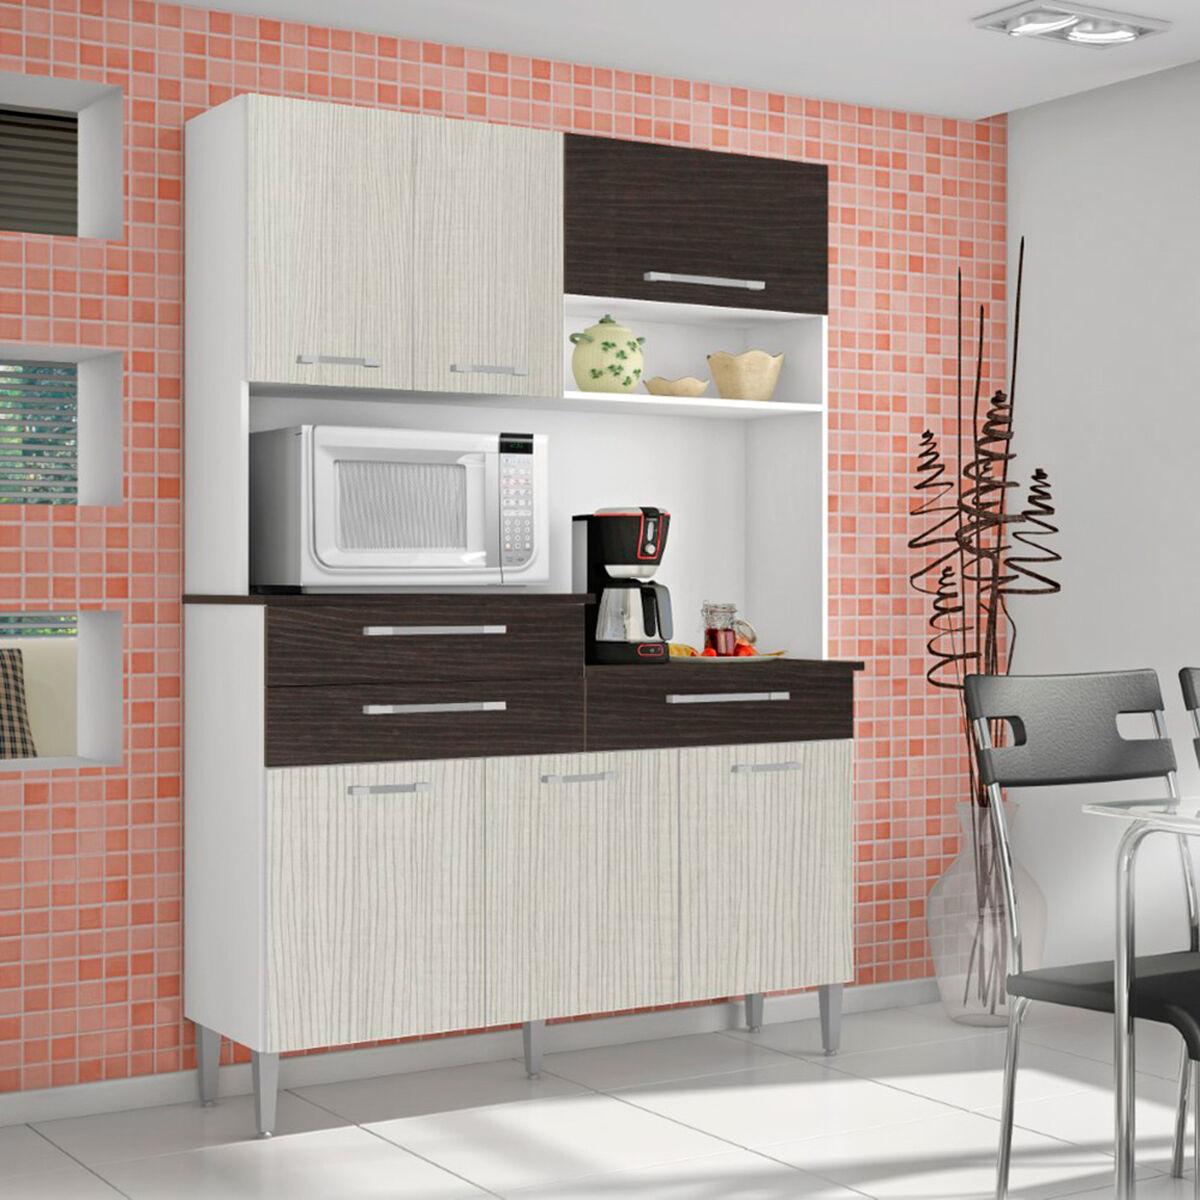 Mueble de cocina Roch 6 puertas 3 cajones M-1008T